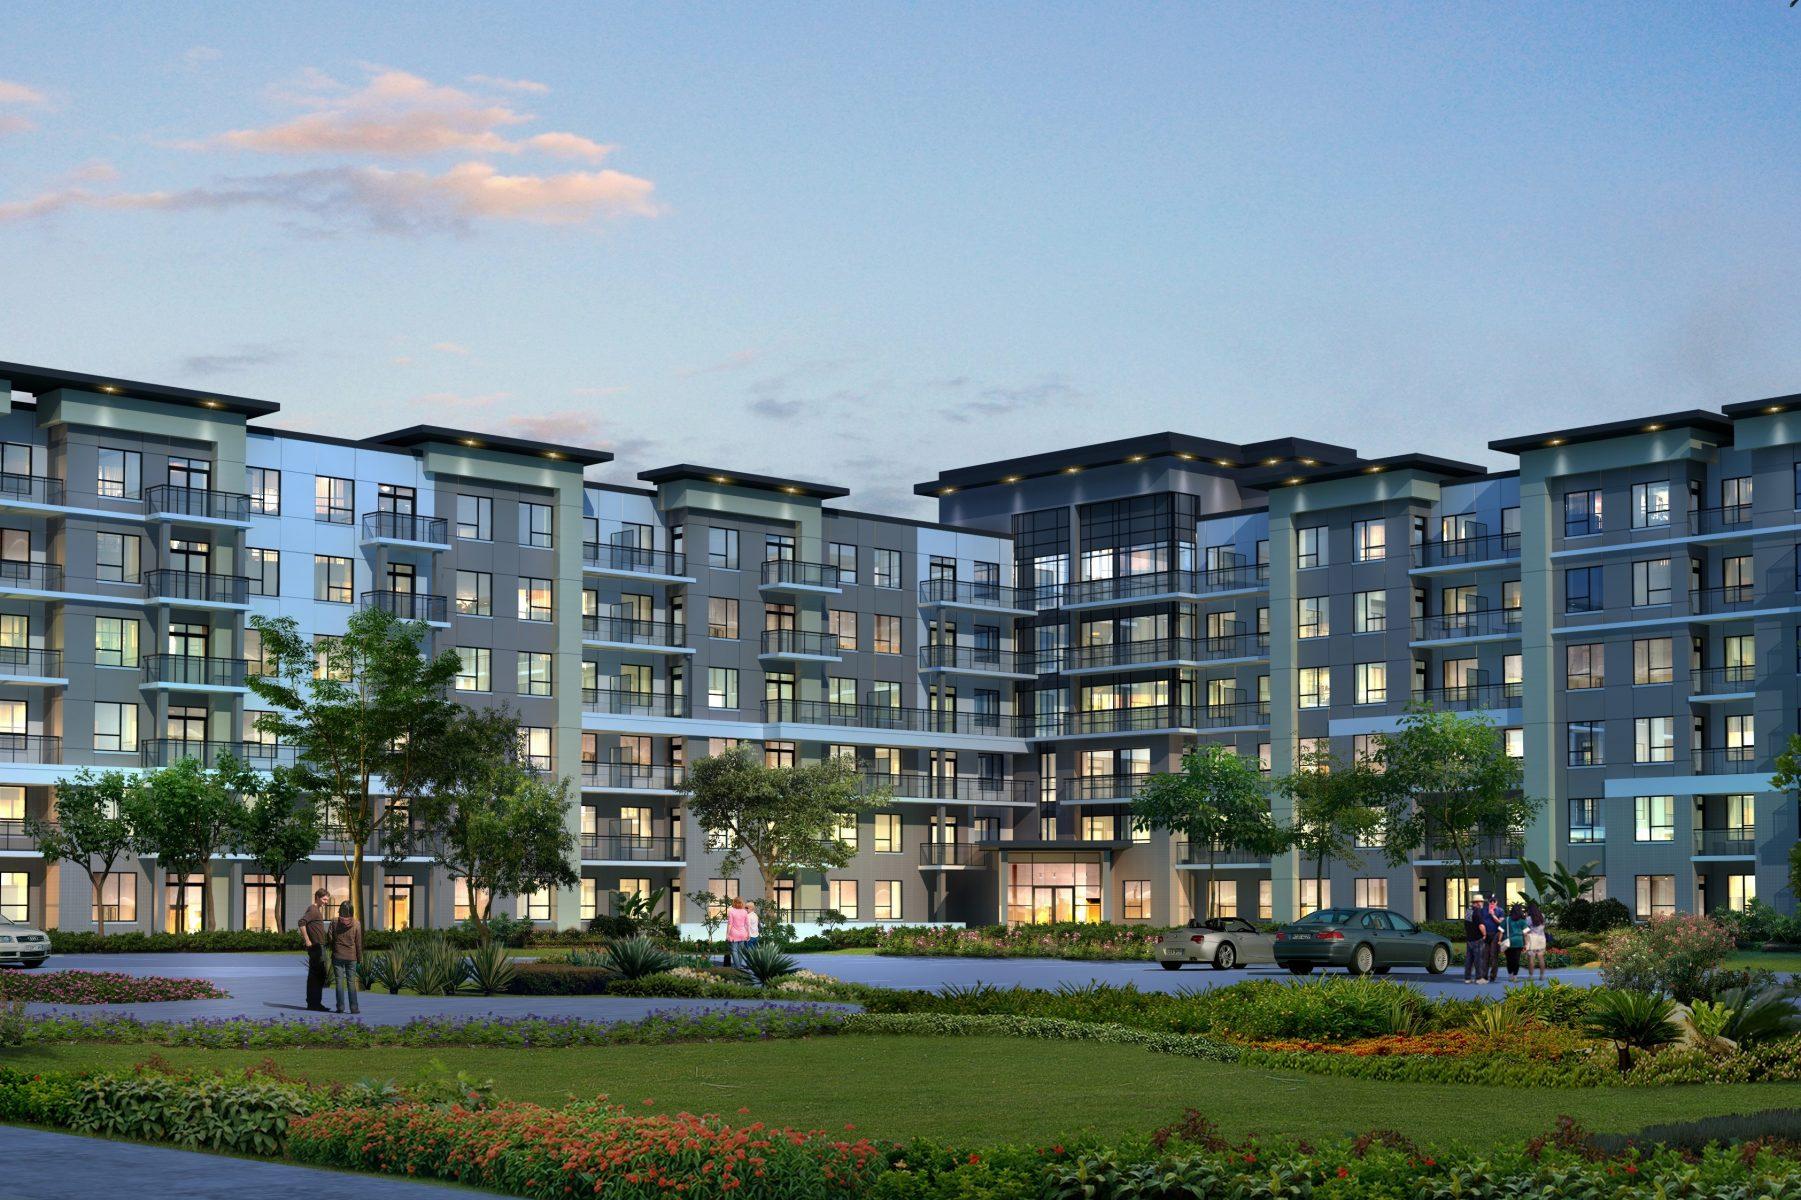 Korsiak Urban Planning - Milton Portfolio - Hawthorne South Village, Greenfield Development - Milton, Ontario